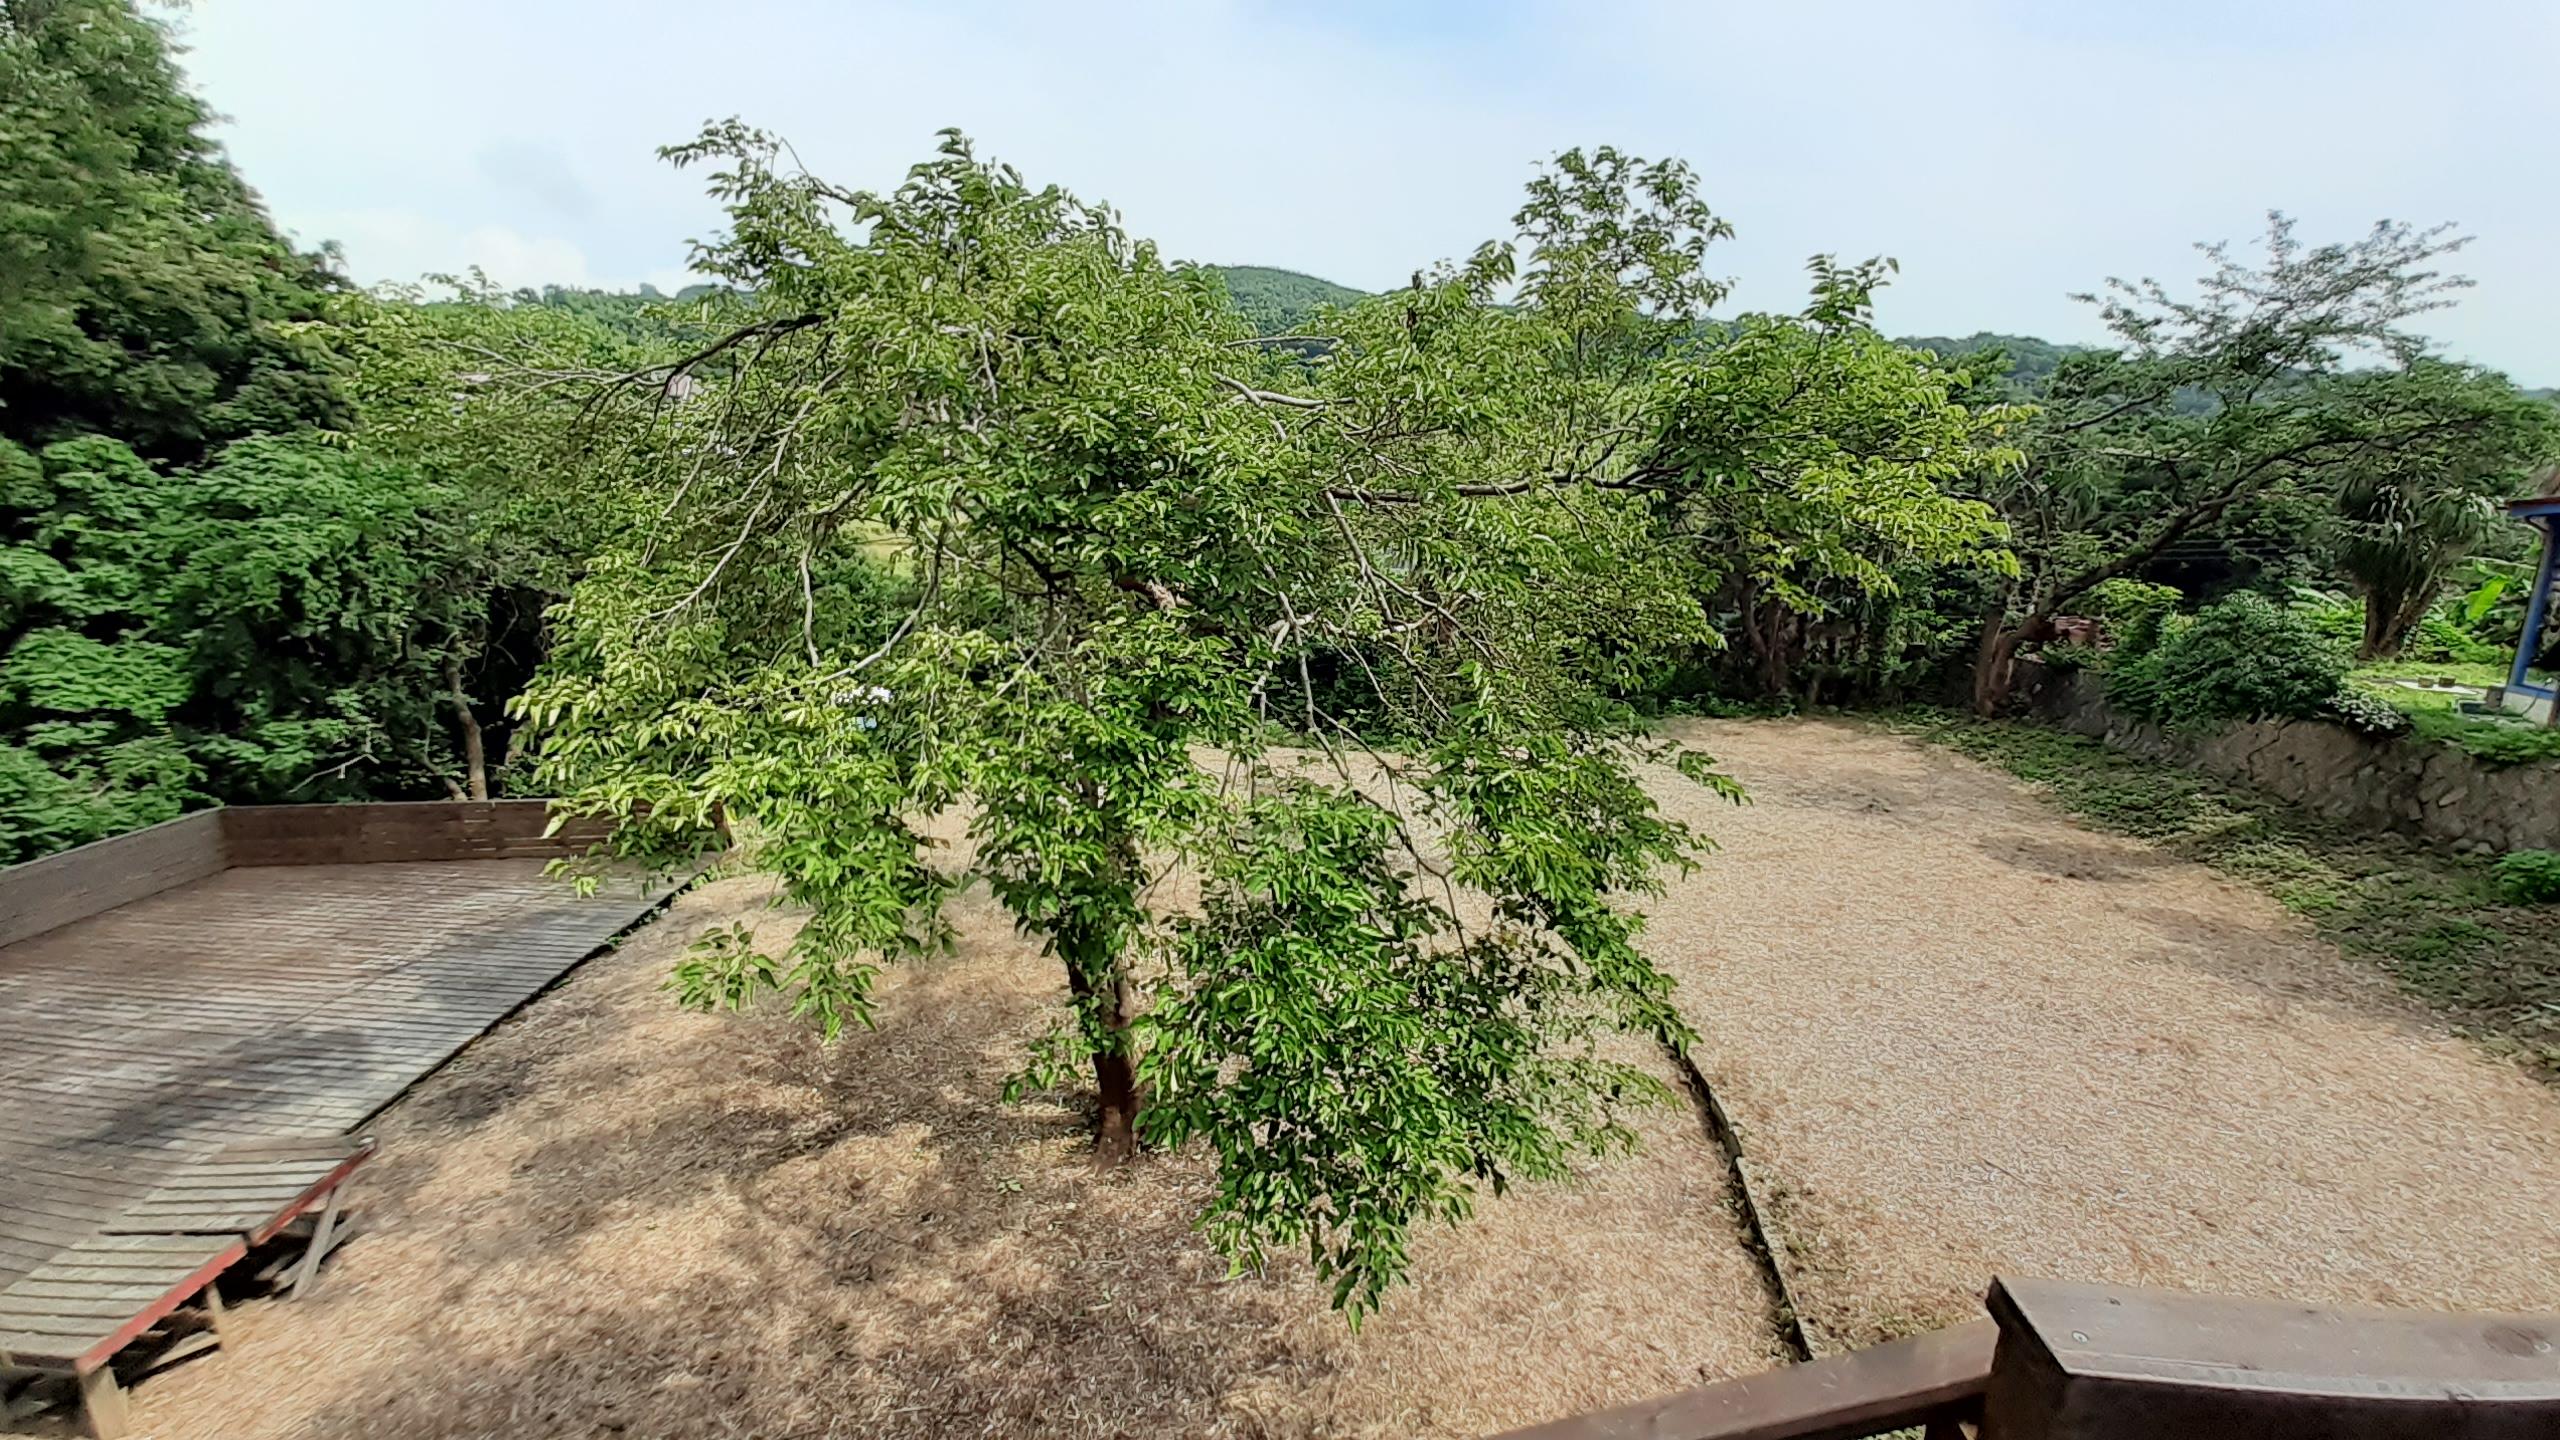 右がドッグラン(柵有り)、木の生えている場所がテントサイトになります。ウッドチップサイトになります。ここではテントとタープ設営が可能です。お勧めは荷物の積み下ろしを考えるとミニマムな道具でのキャンプがお勧めです。